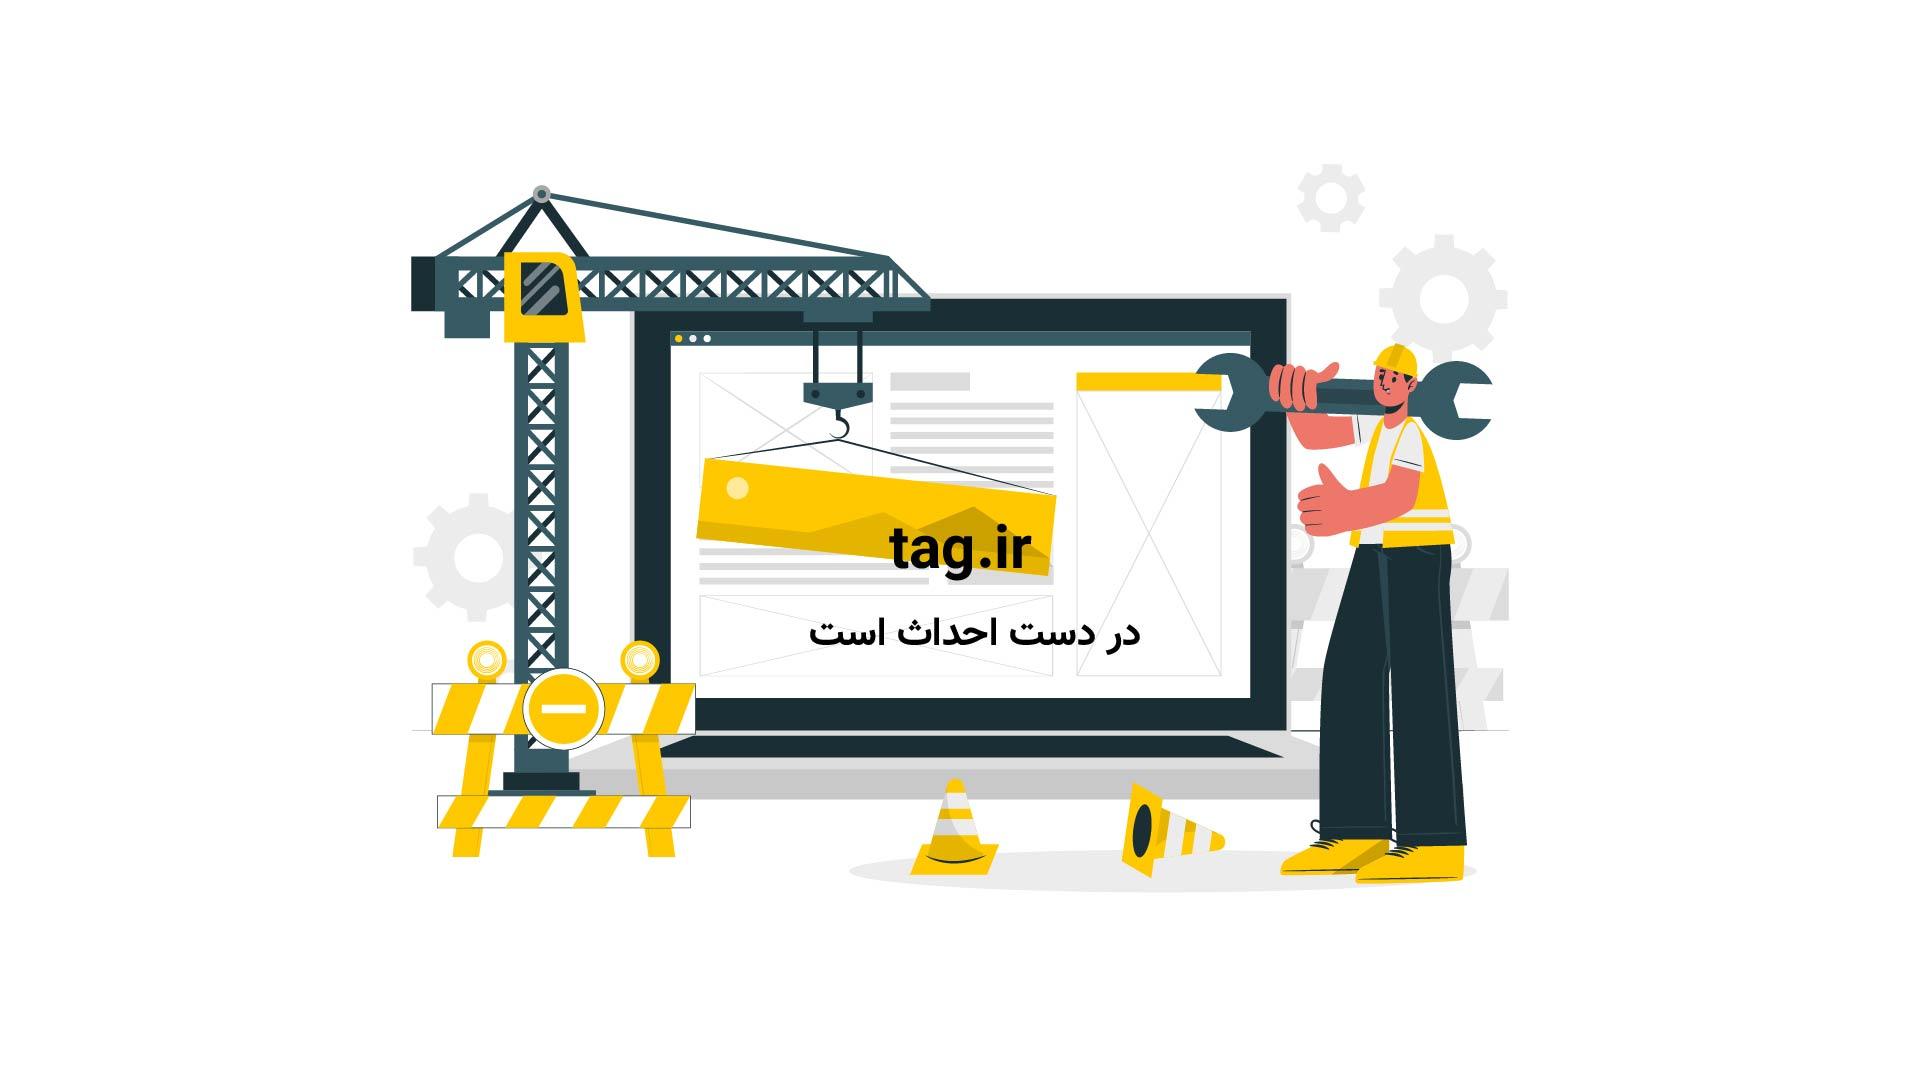 روضه جانسور سید رضا نریمانی در منزل یکی از شهدای مدافع حرم + فیلم